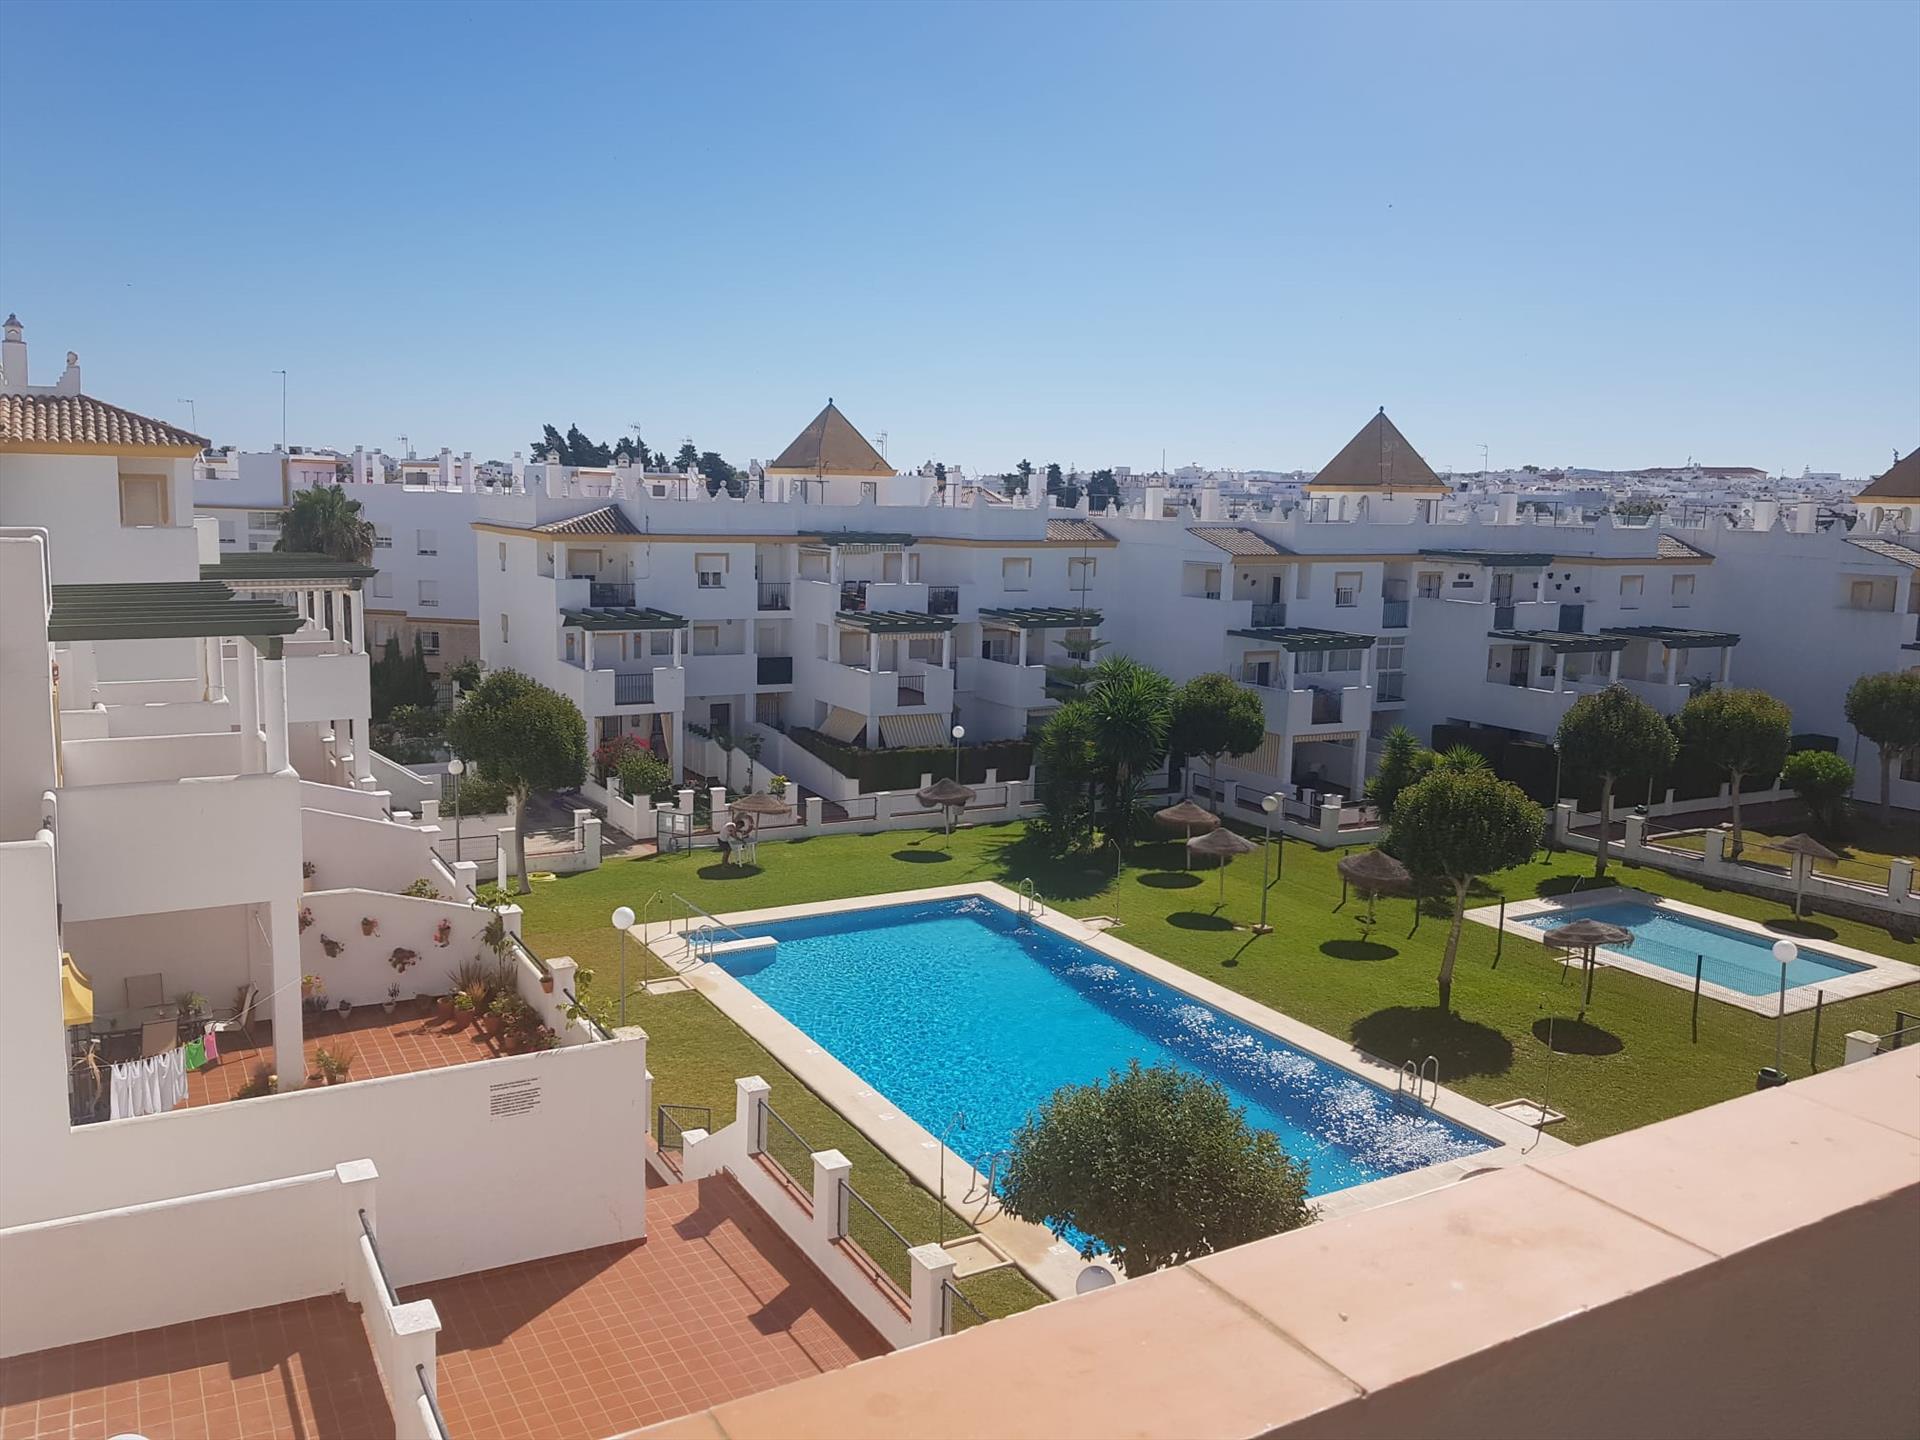 Conil 189 p4,Apartment in Conil de la Frontera, Costa de la Luz, Spain  with communal pool for 4 persons.....